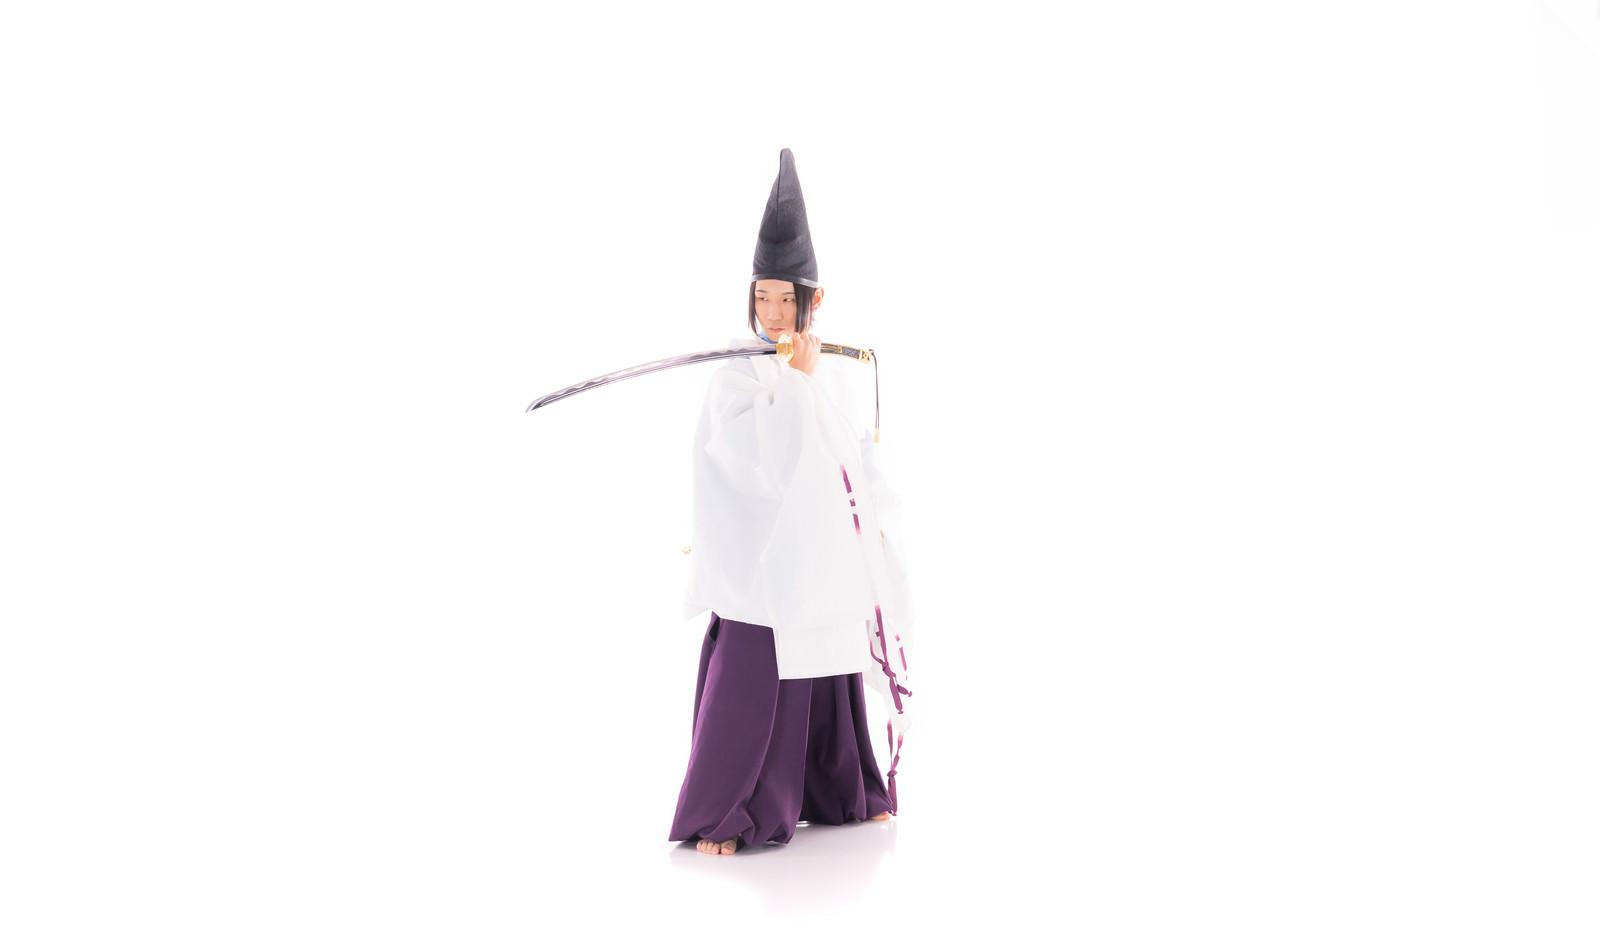 「狩衣(かりぎぬ)姿の剣士」の写真[モデル:まーこ]